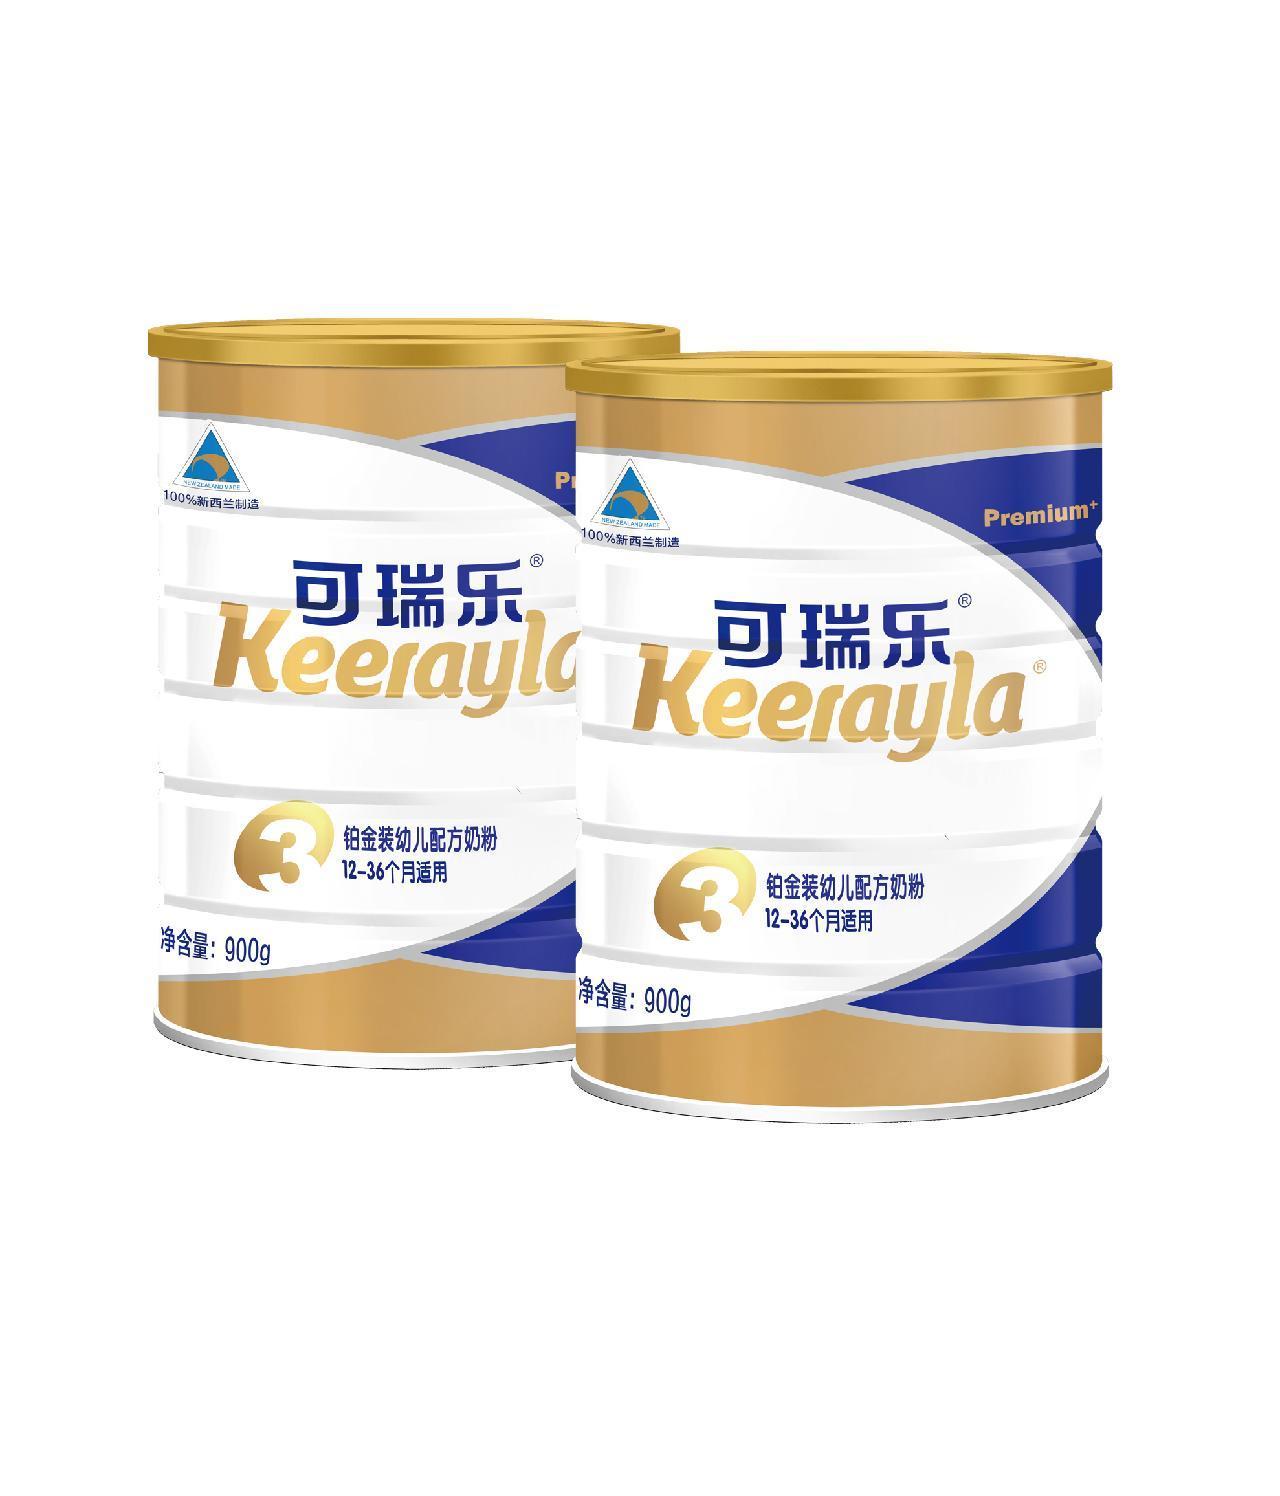 台湾供应可瑞乐铂金装奶粉原装进口, 可瑞乐质量可靠